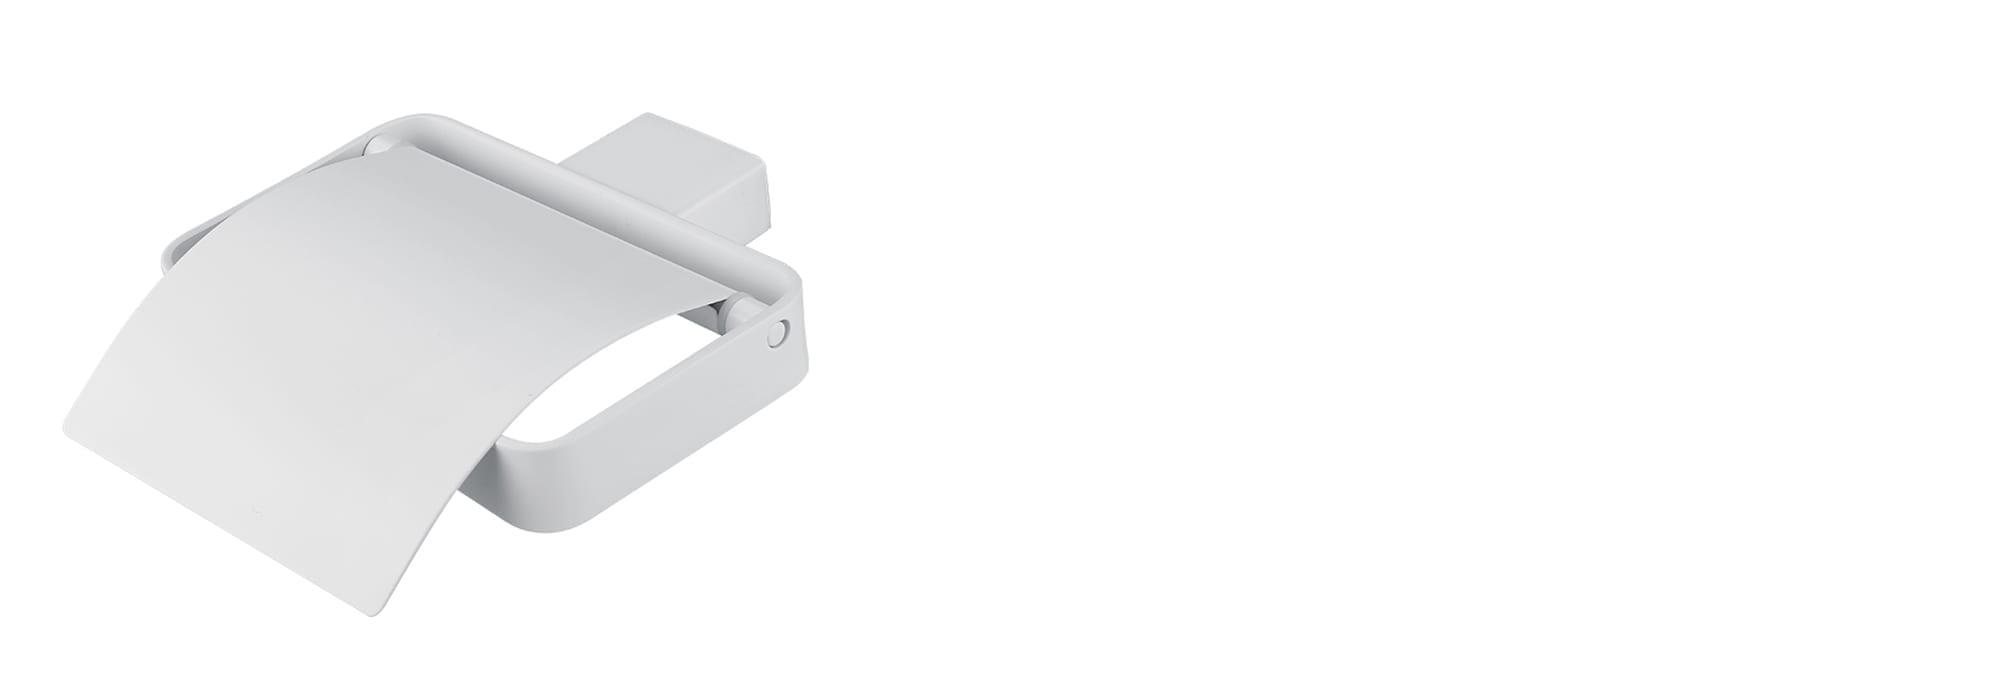 מאחז נייר מינימל לבן by Milstone